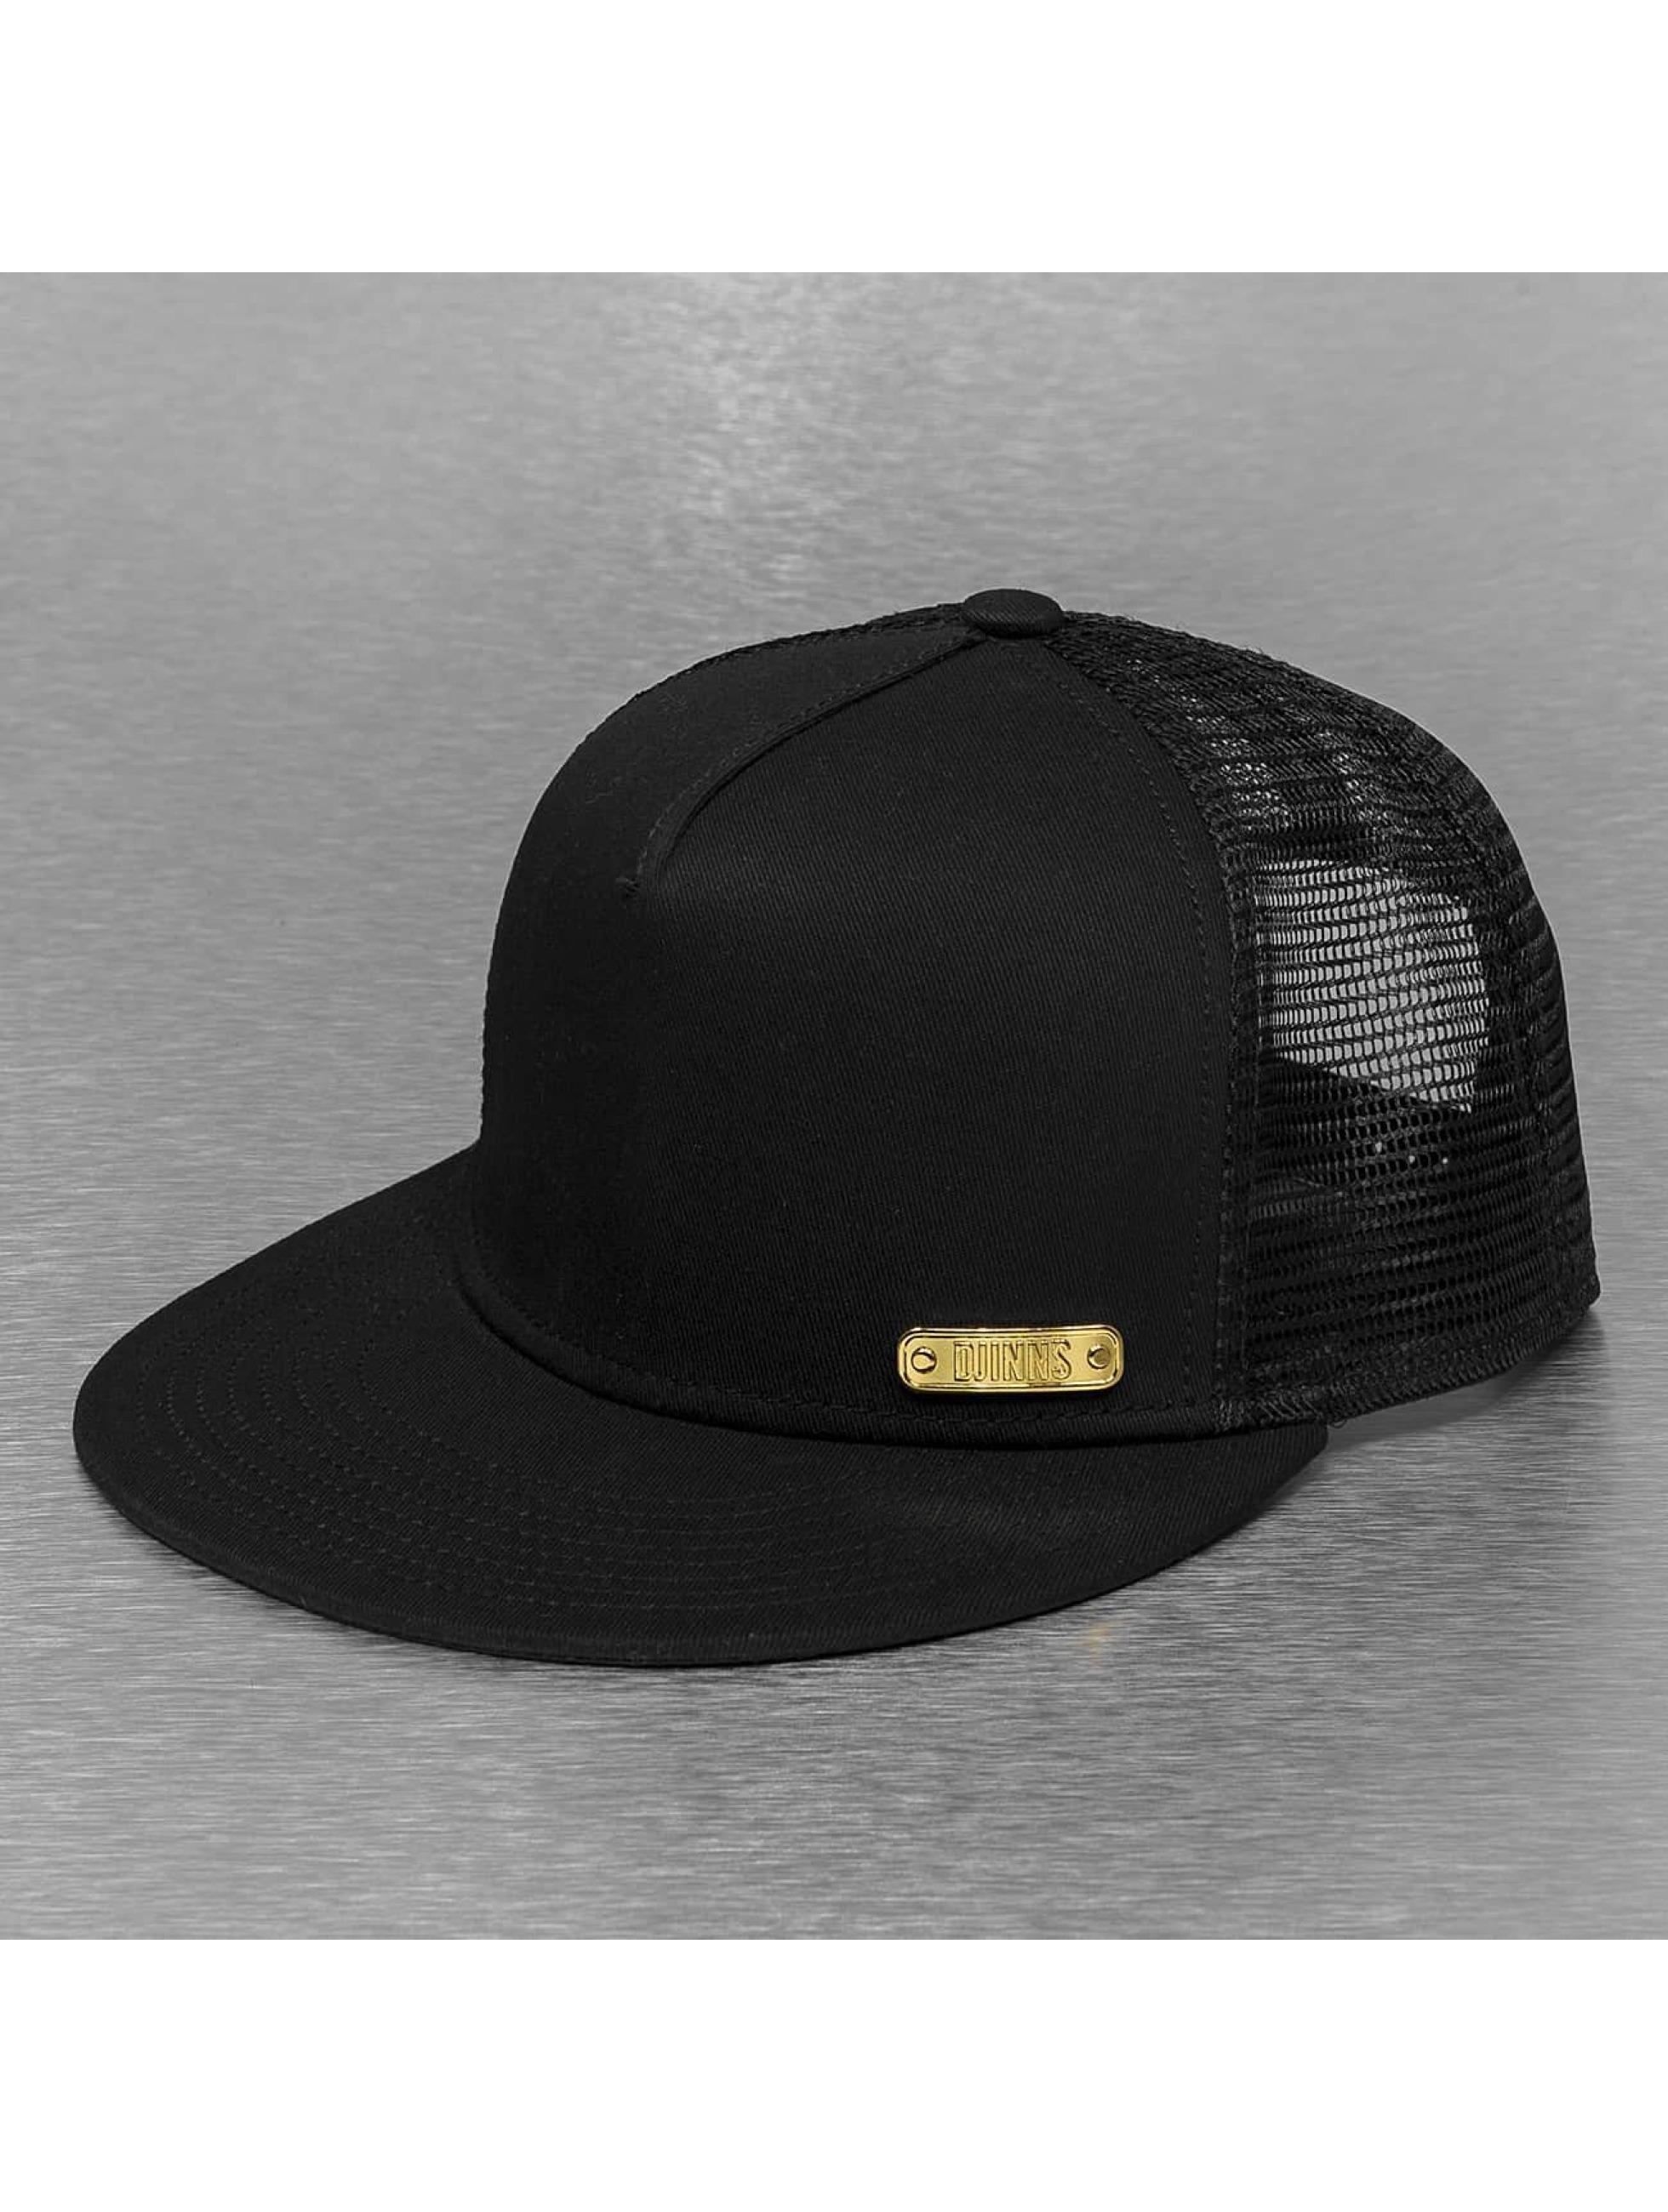 Djinns / Trucker Cap Single C in black